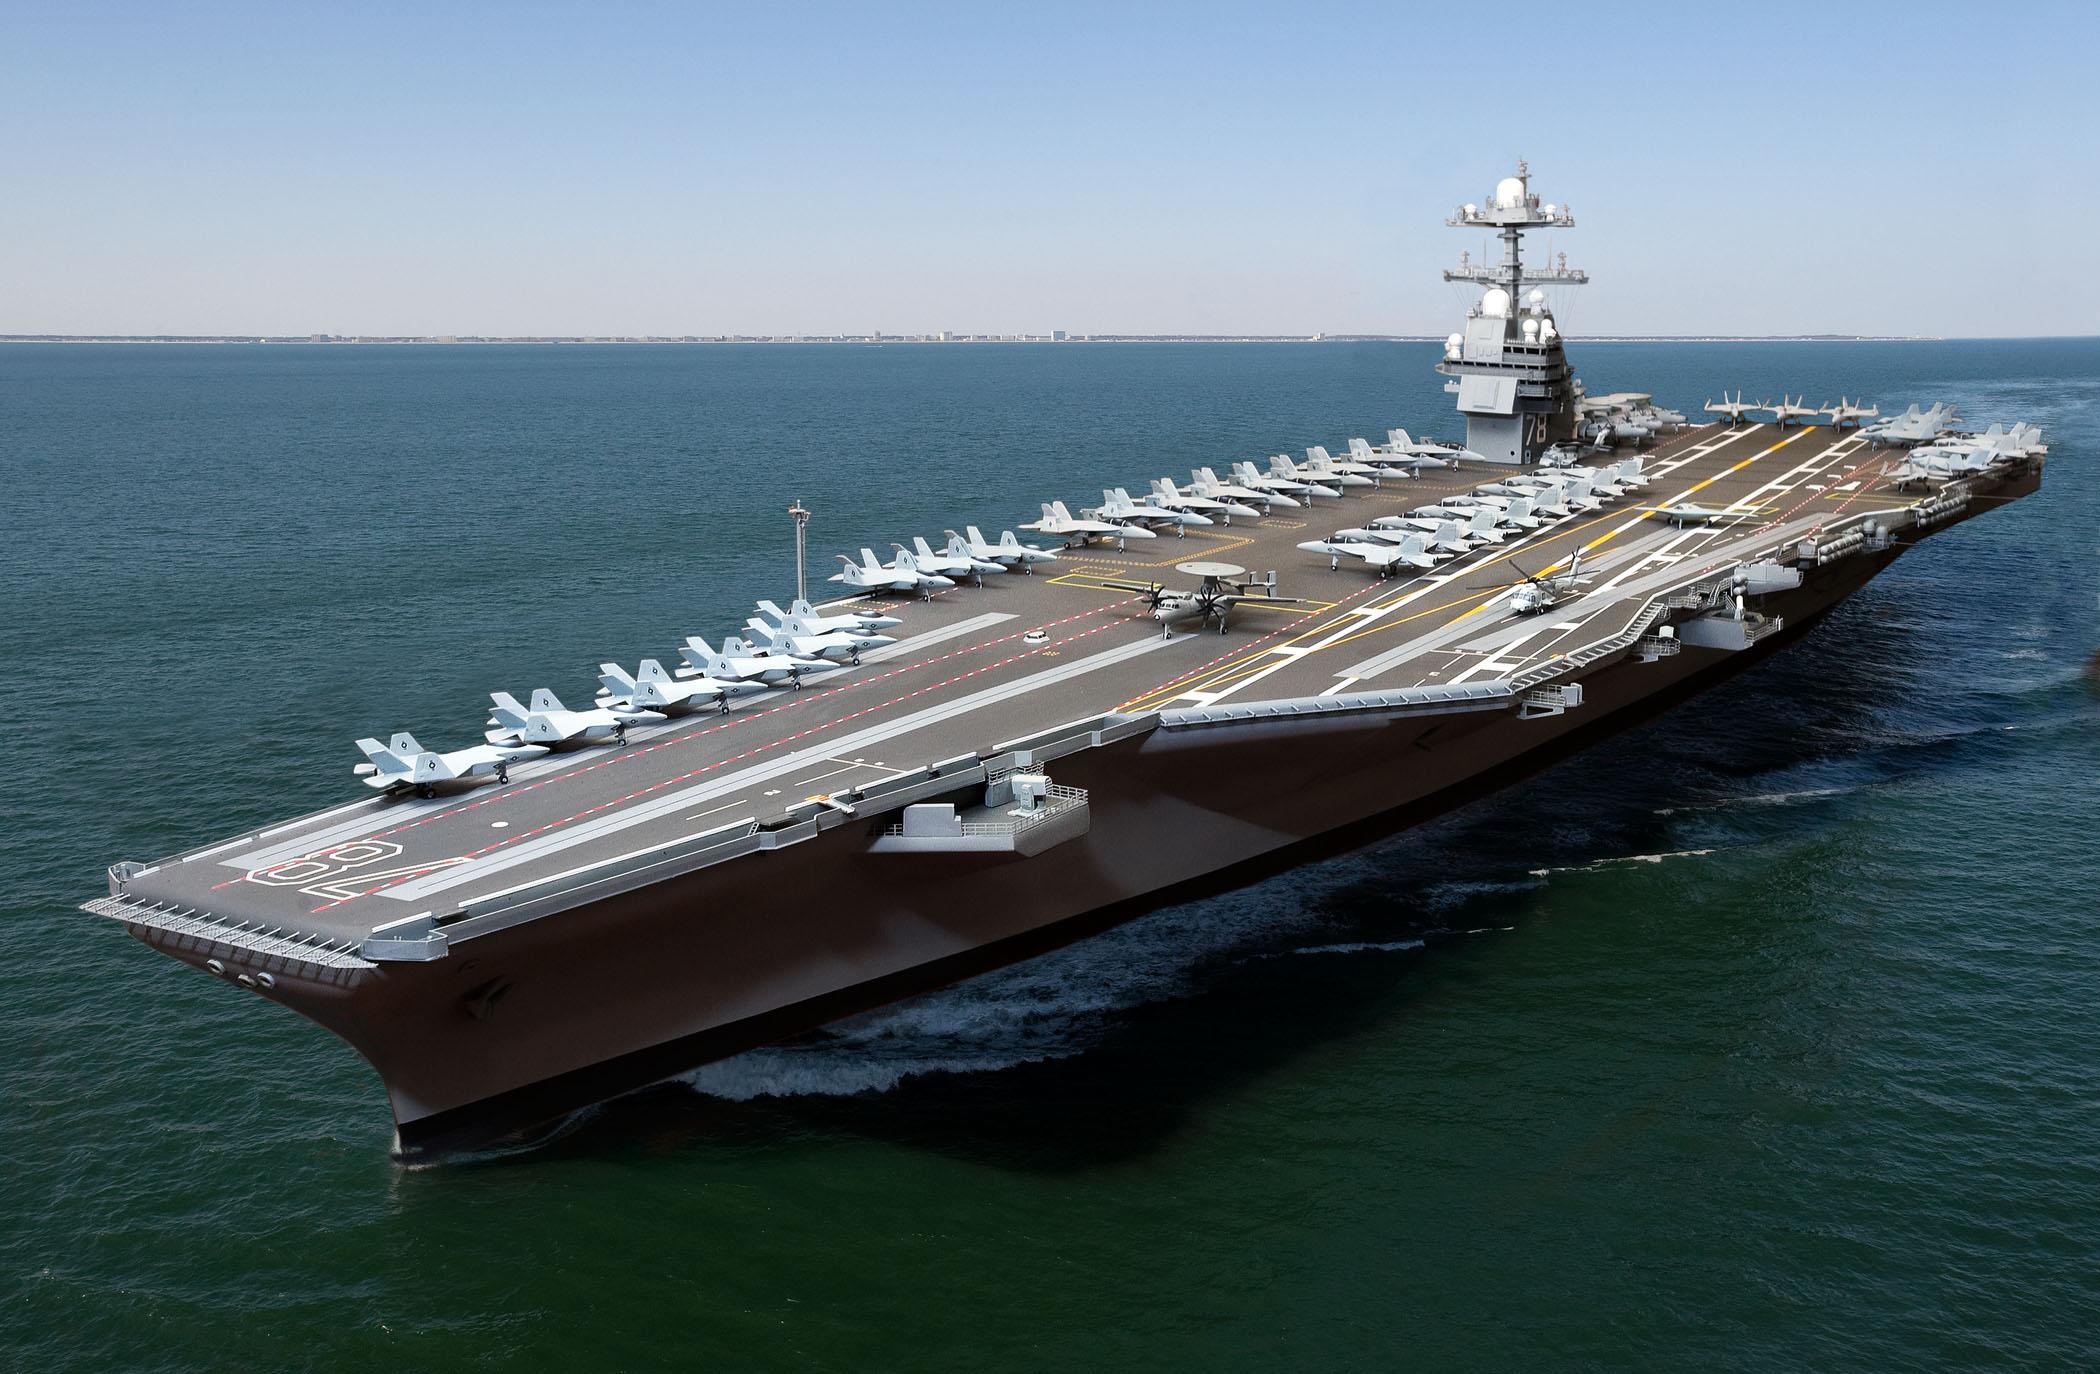 DCS09-371-5 Newport News Shipbuilding file